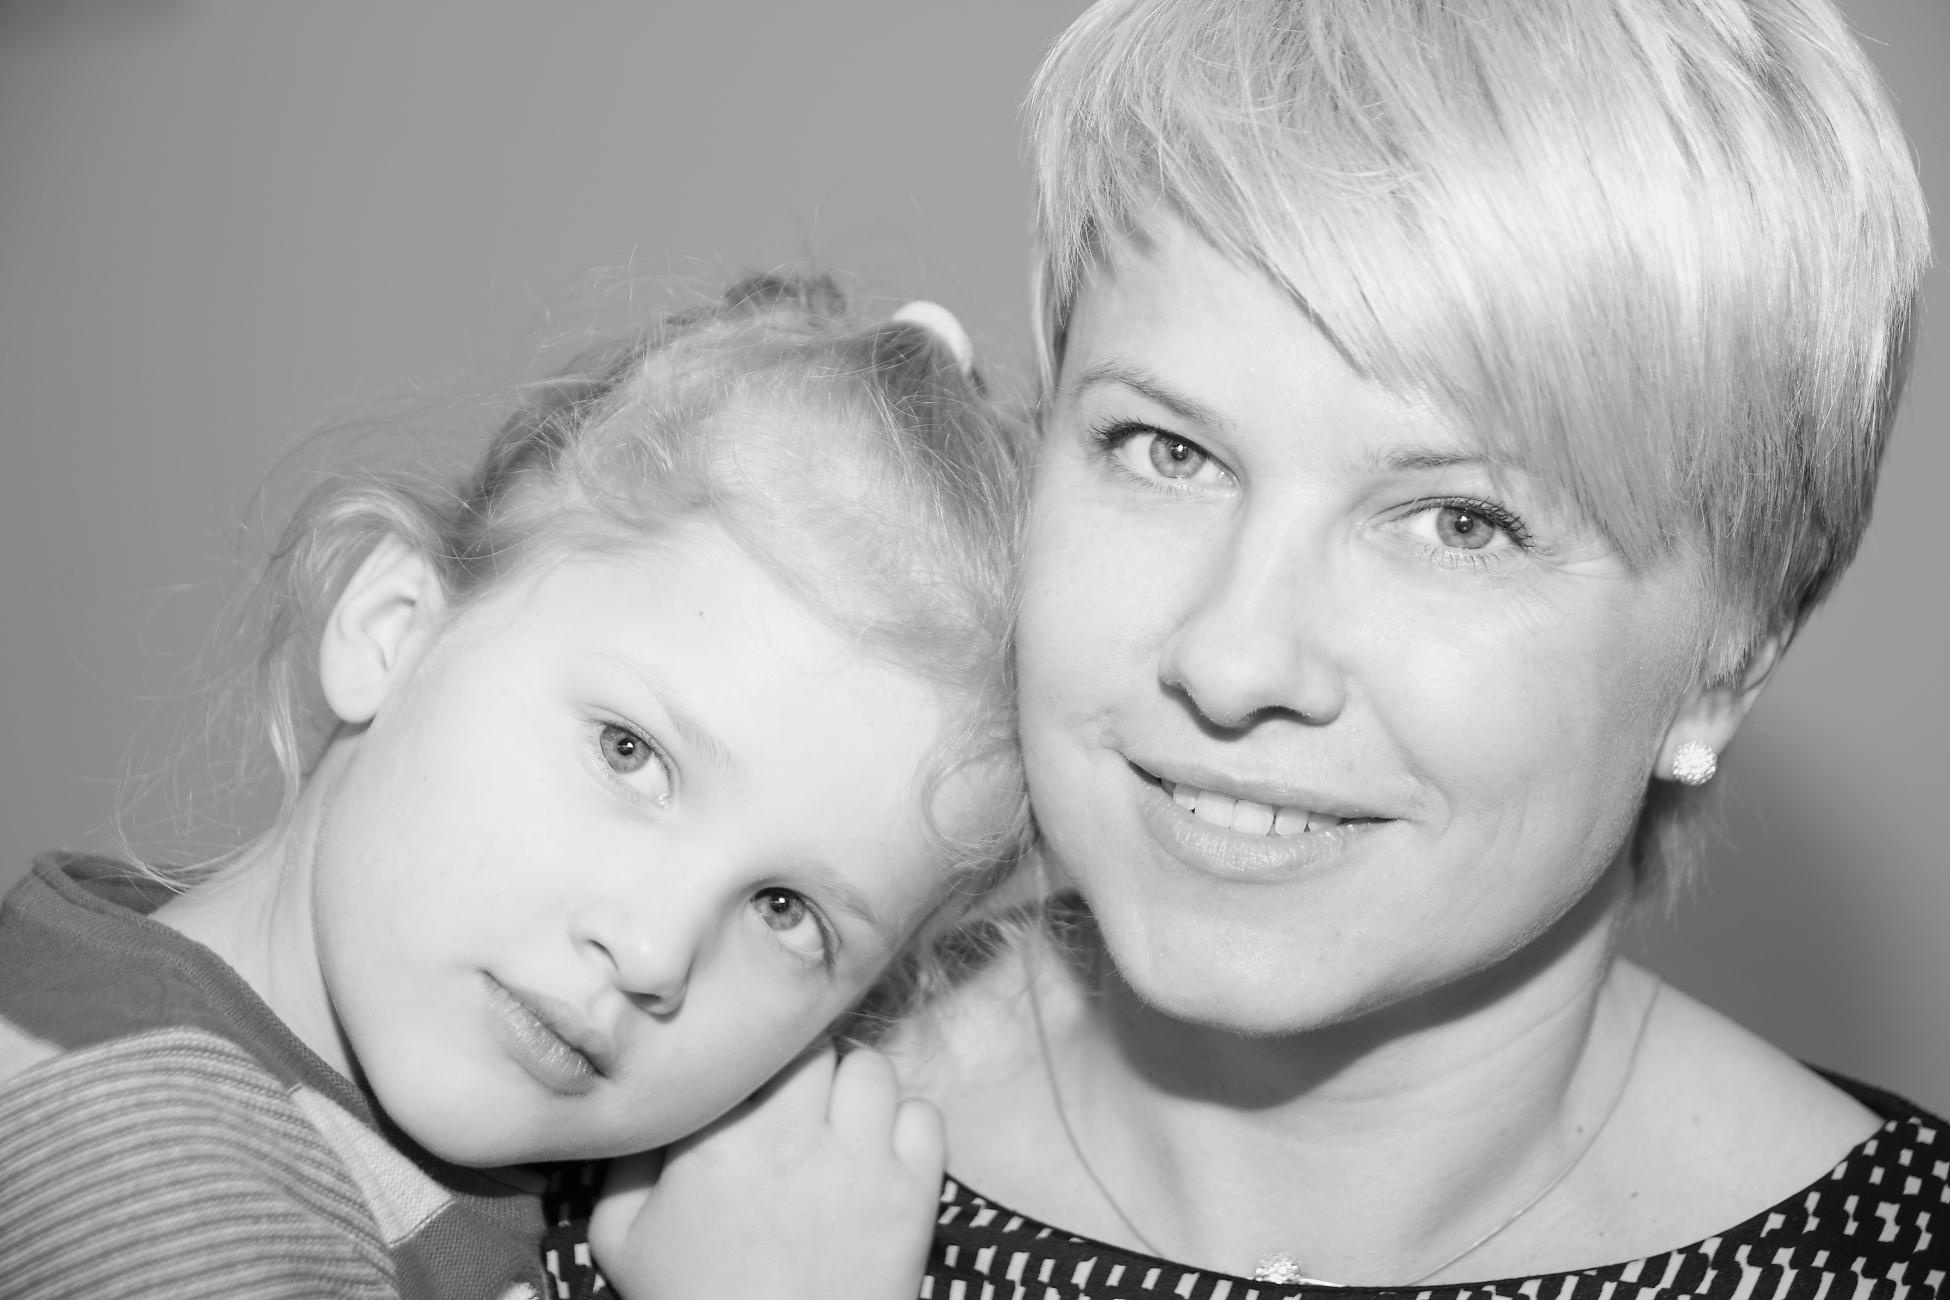 ola-szczygieł-sesje-kobiece-fotograf-projekt-lubliniczanka-wystawa-dom-kultury-lubliniec-2015-projekt